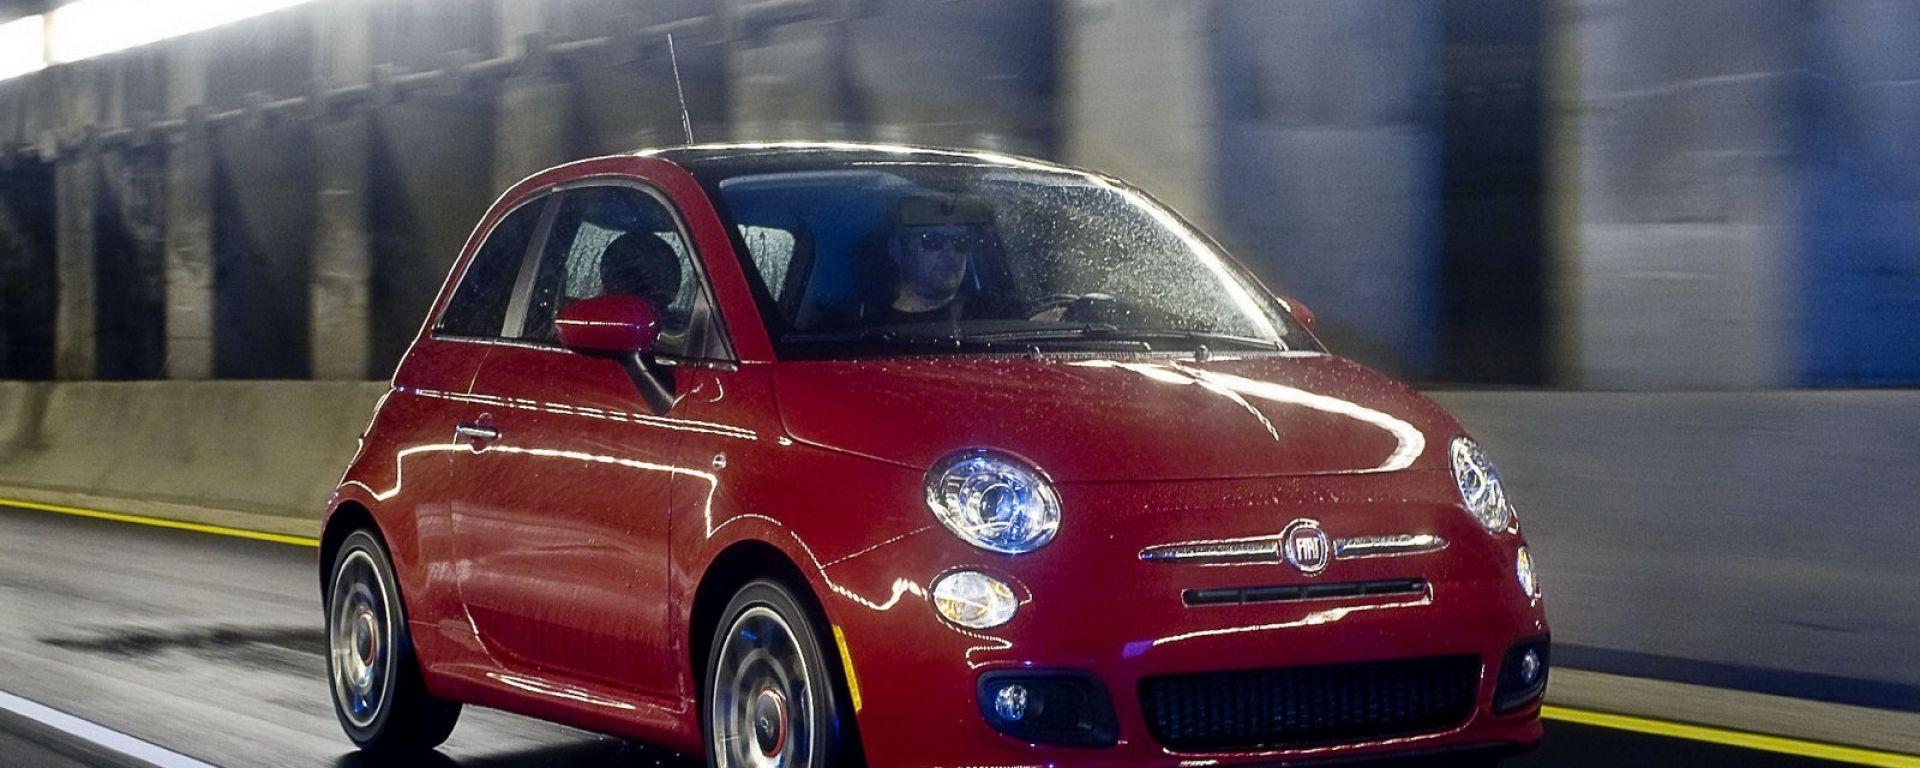 La Fiat 500 sbarca in Usa, con qualche modifica